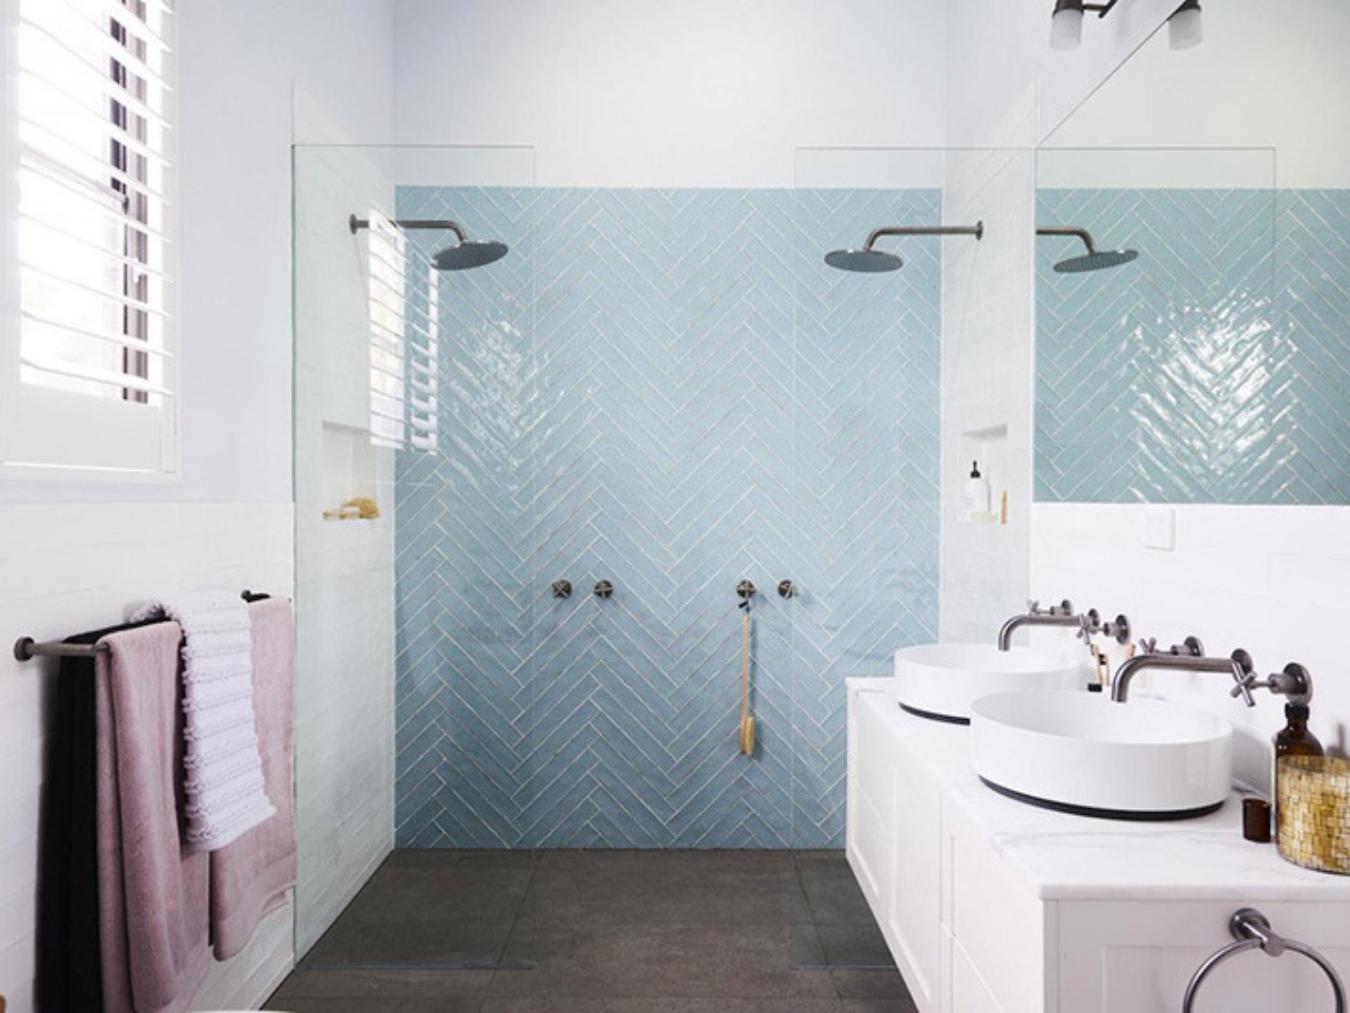 Carrelage Salle De Bain Bleu Turquoise peindre sa salle de bain : nos 5 étapes clés avant de se